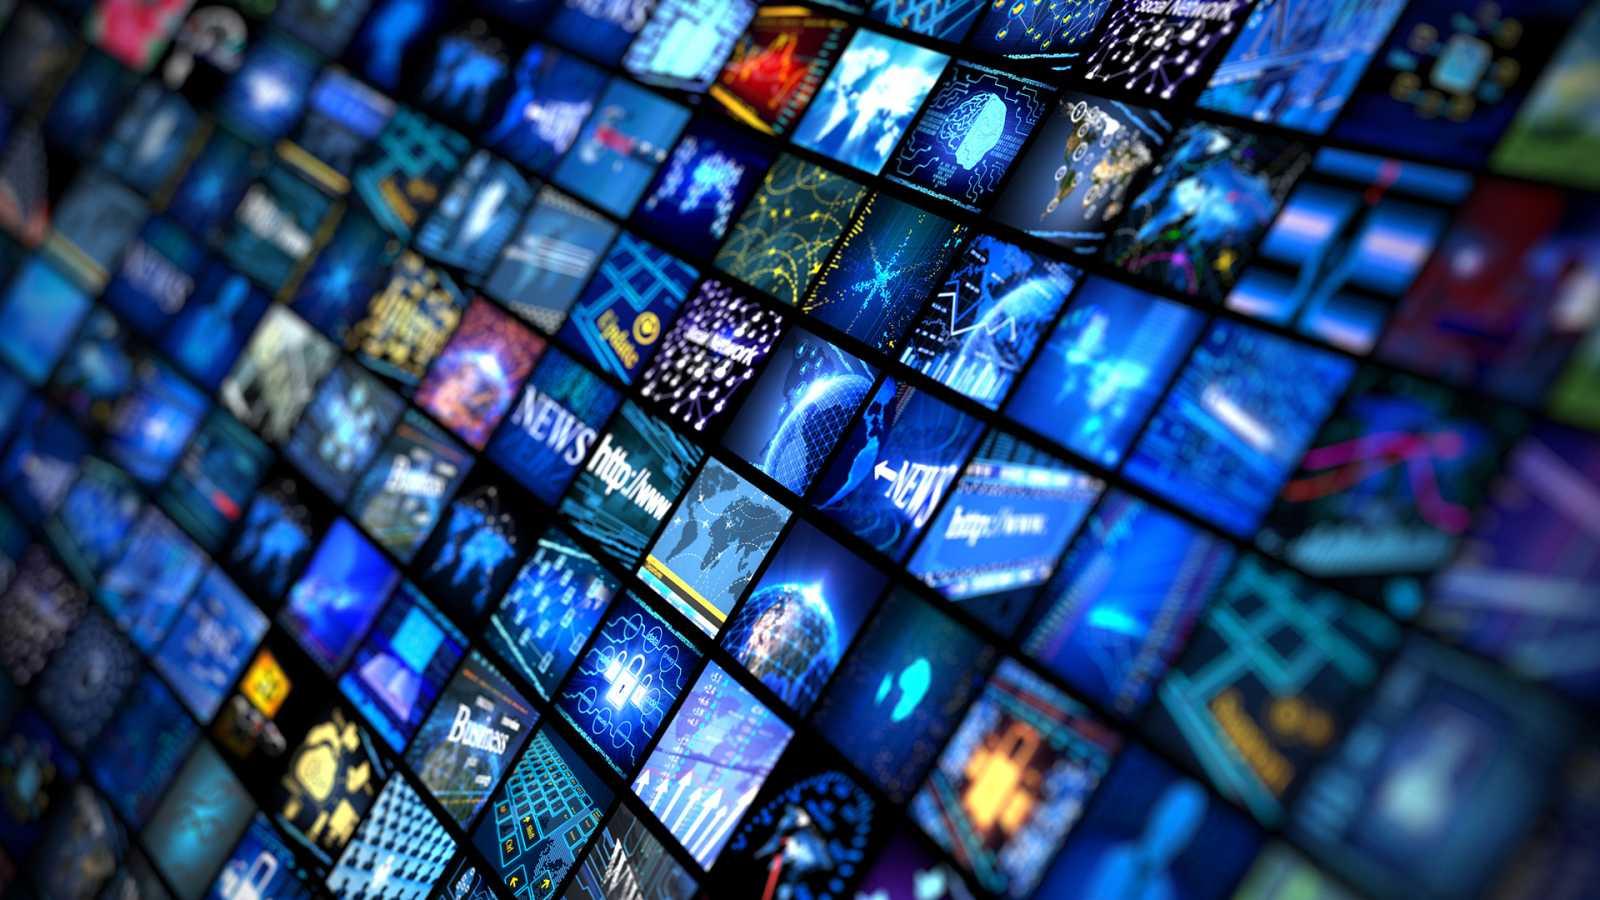 Amigos de la onda corta - Pluralismo, concentración y libertad en los medios de comunicación - 14/01/21 - EScuchar ahora